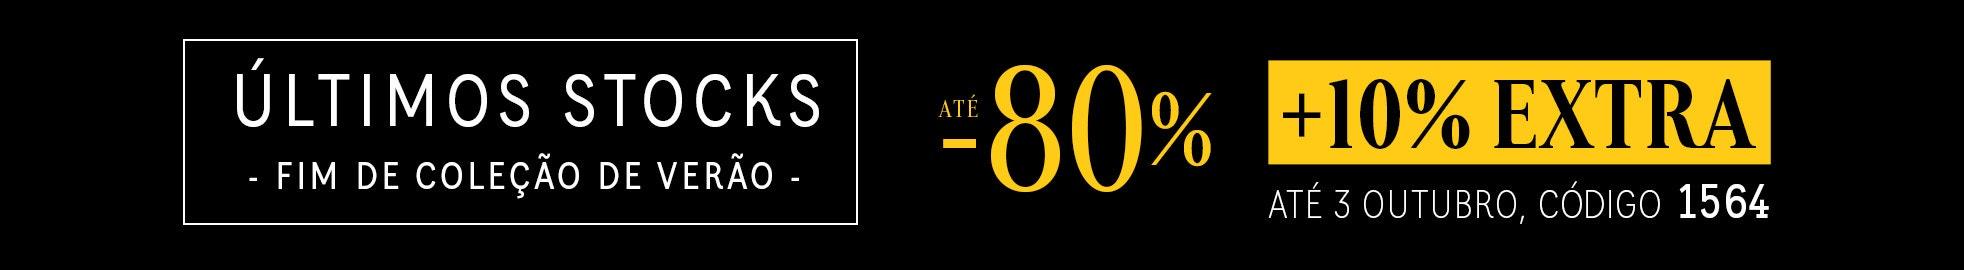 ÚLTIMOS STOCKS ATÉ -80% + 10% EXTRA